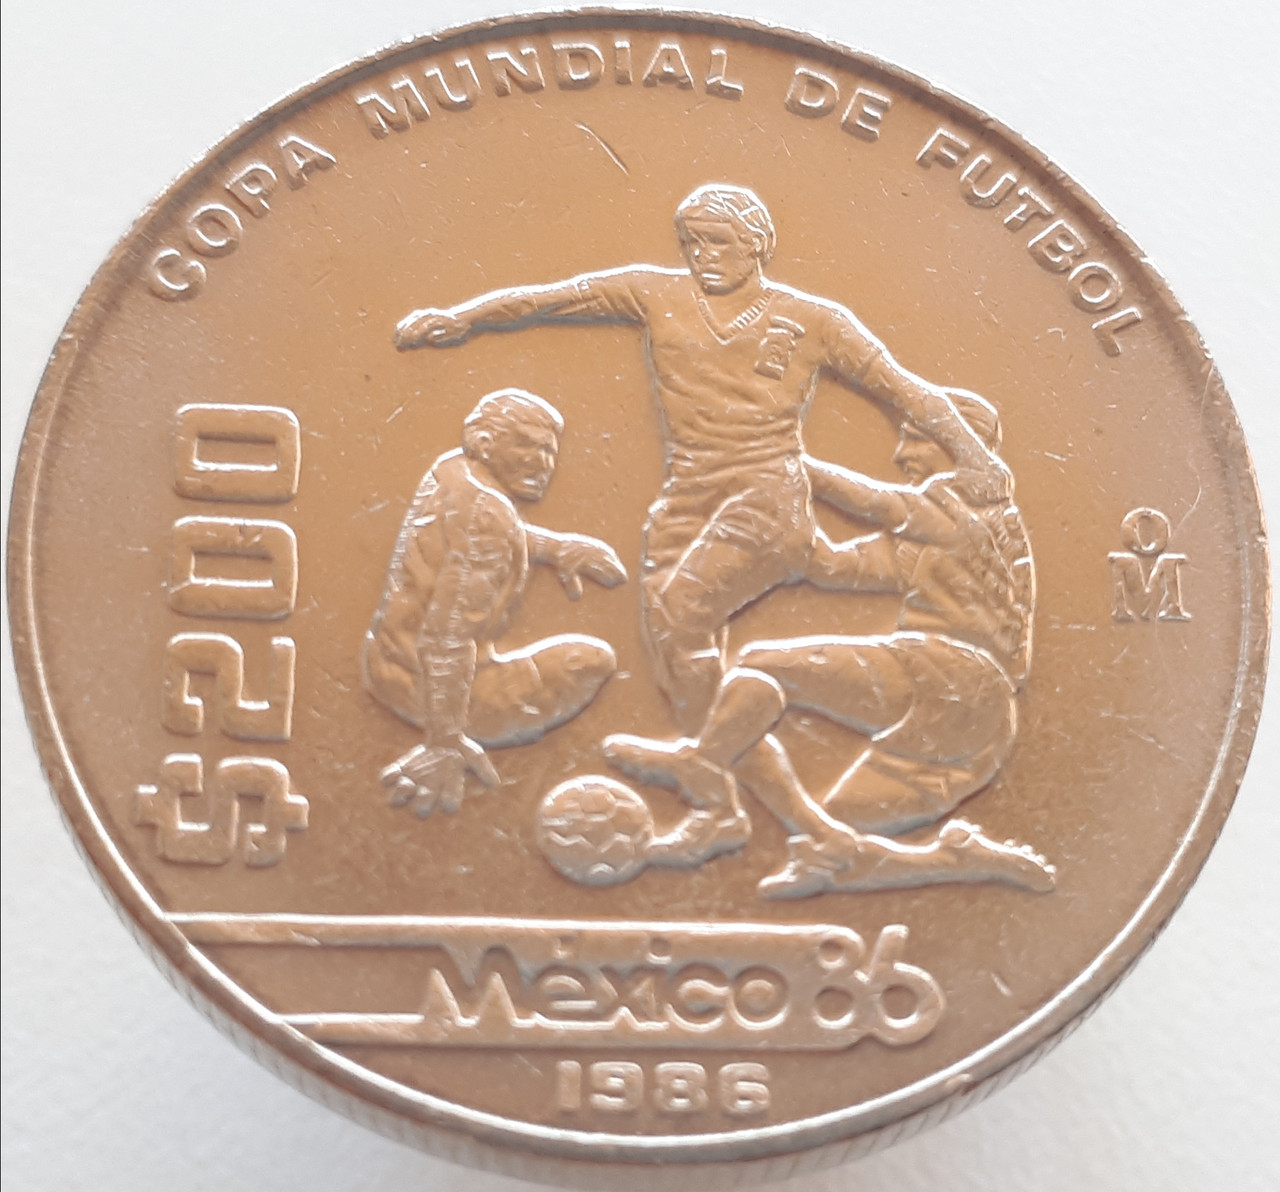 Мексика 200 песо 1986 - Чемпионат мира по футболу 1986